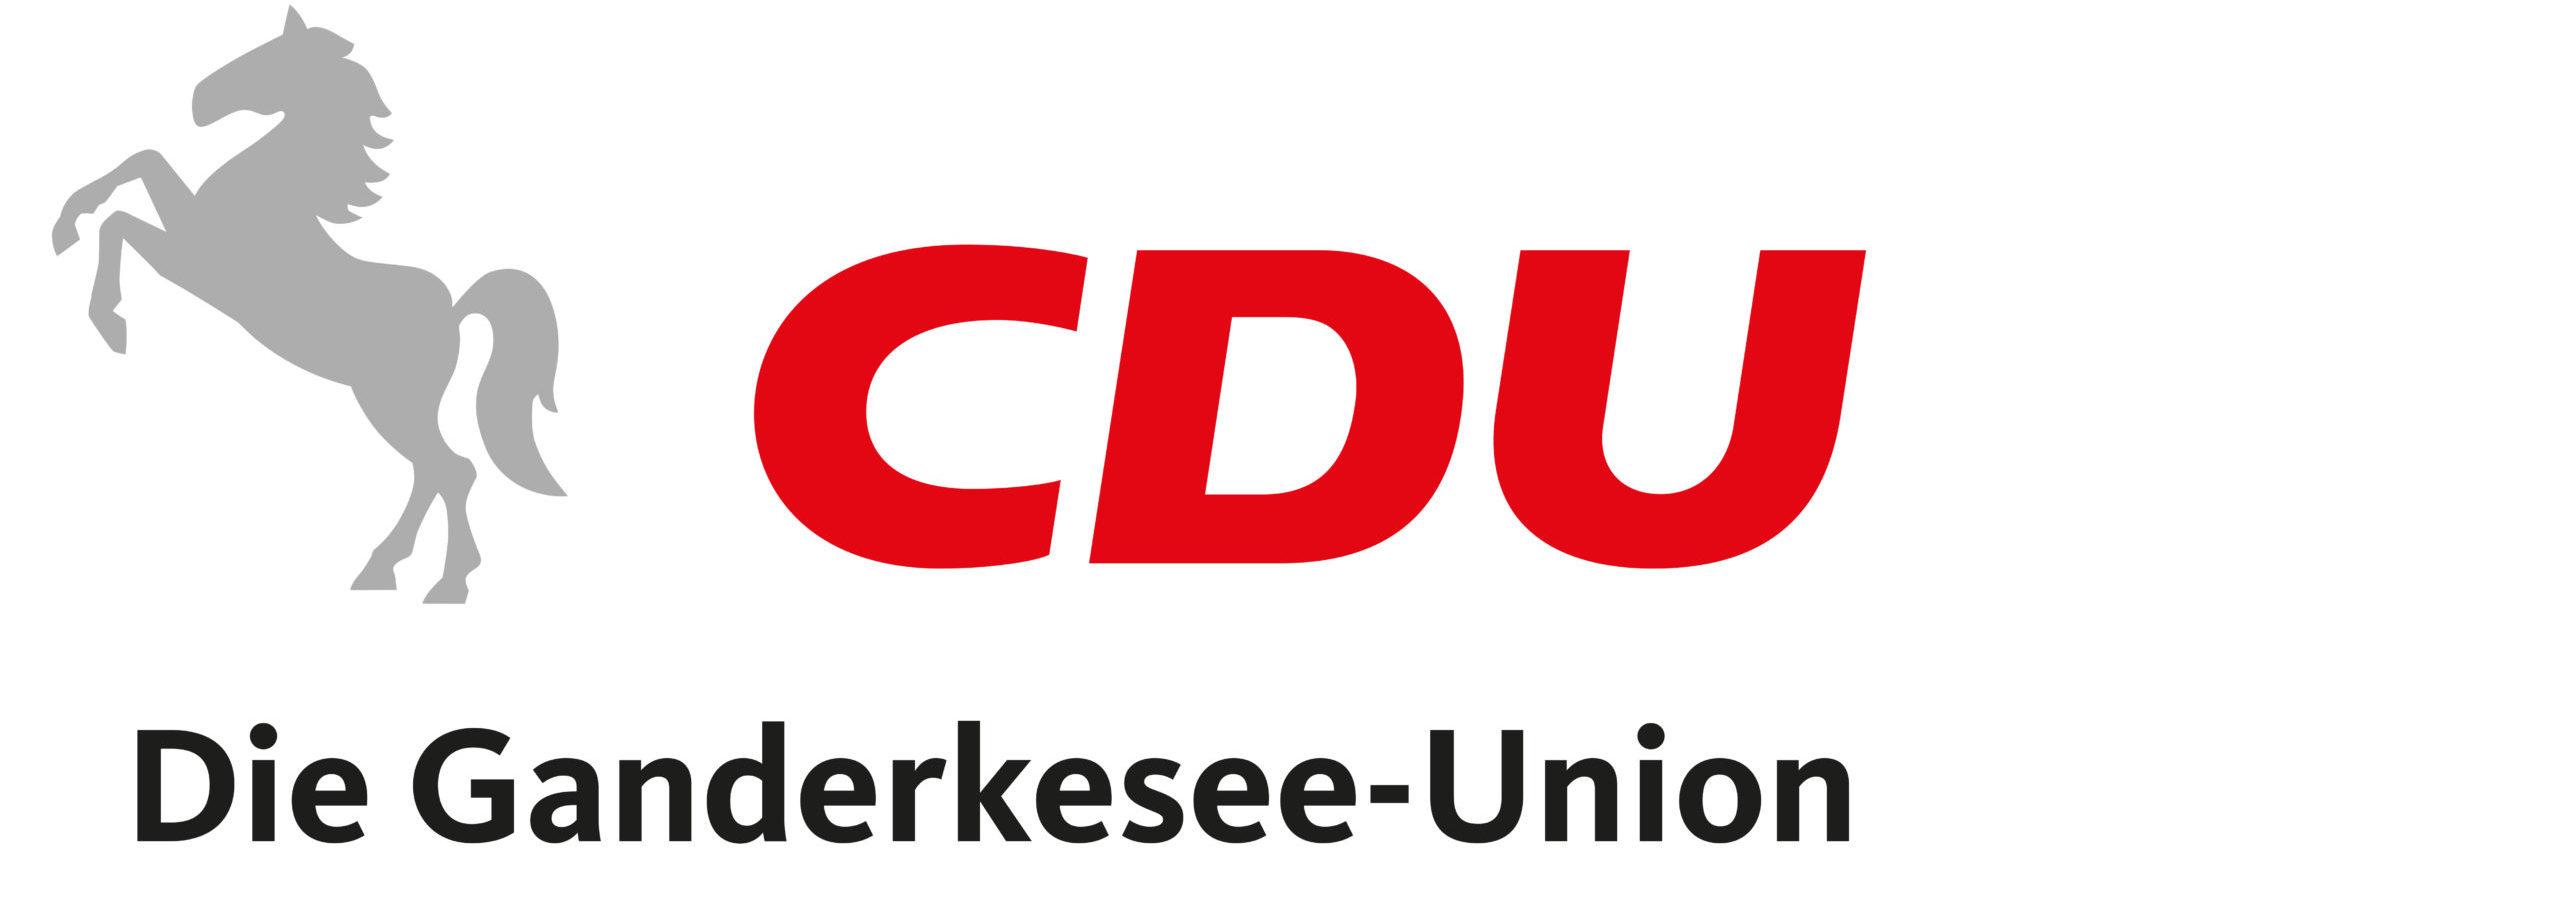 CDU Gemeindeverband Ganderkesee